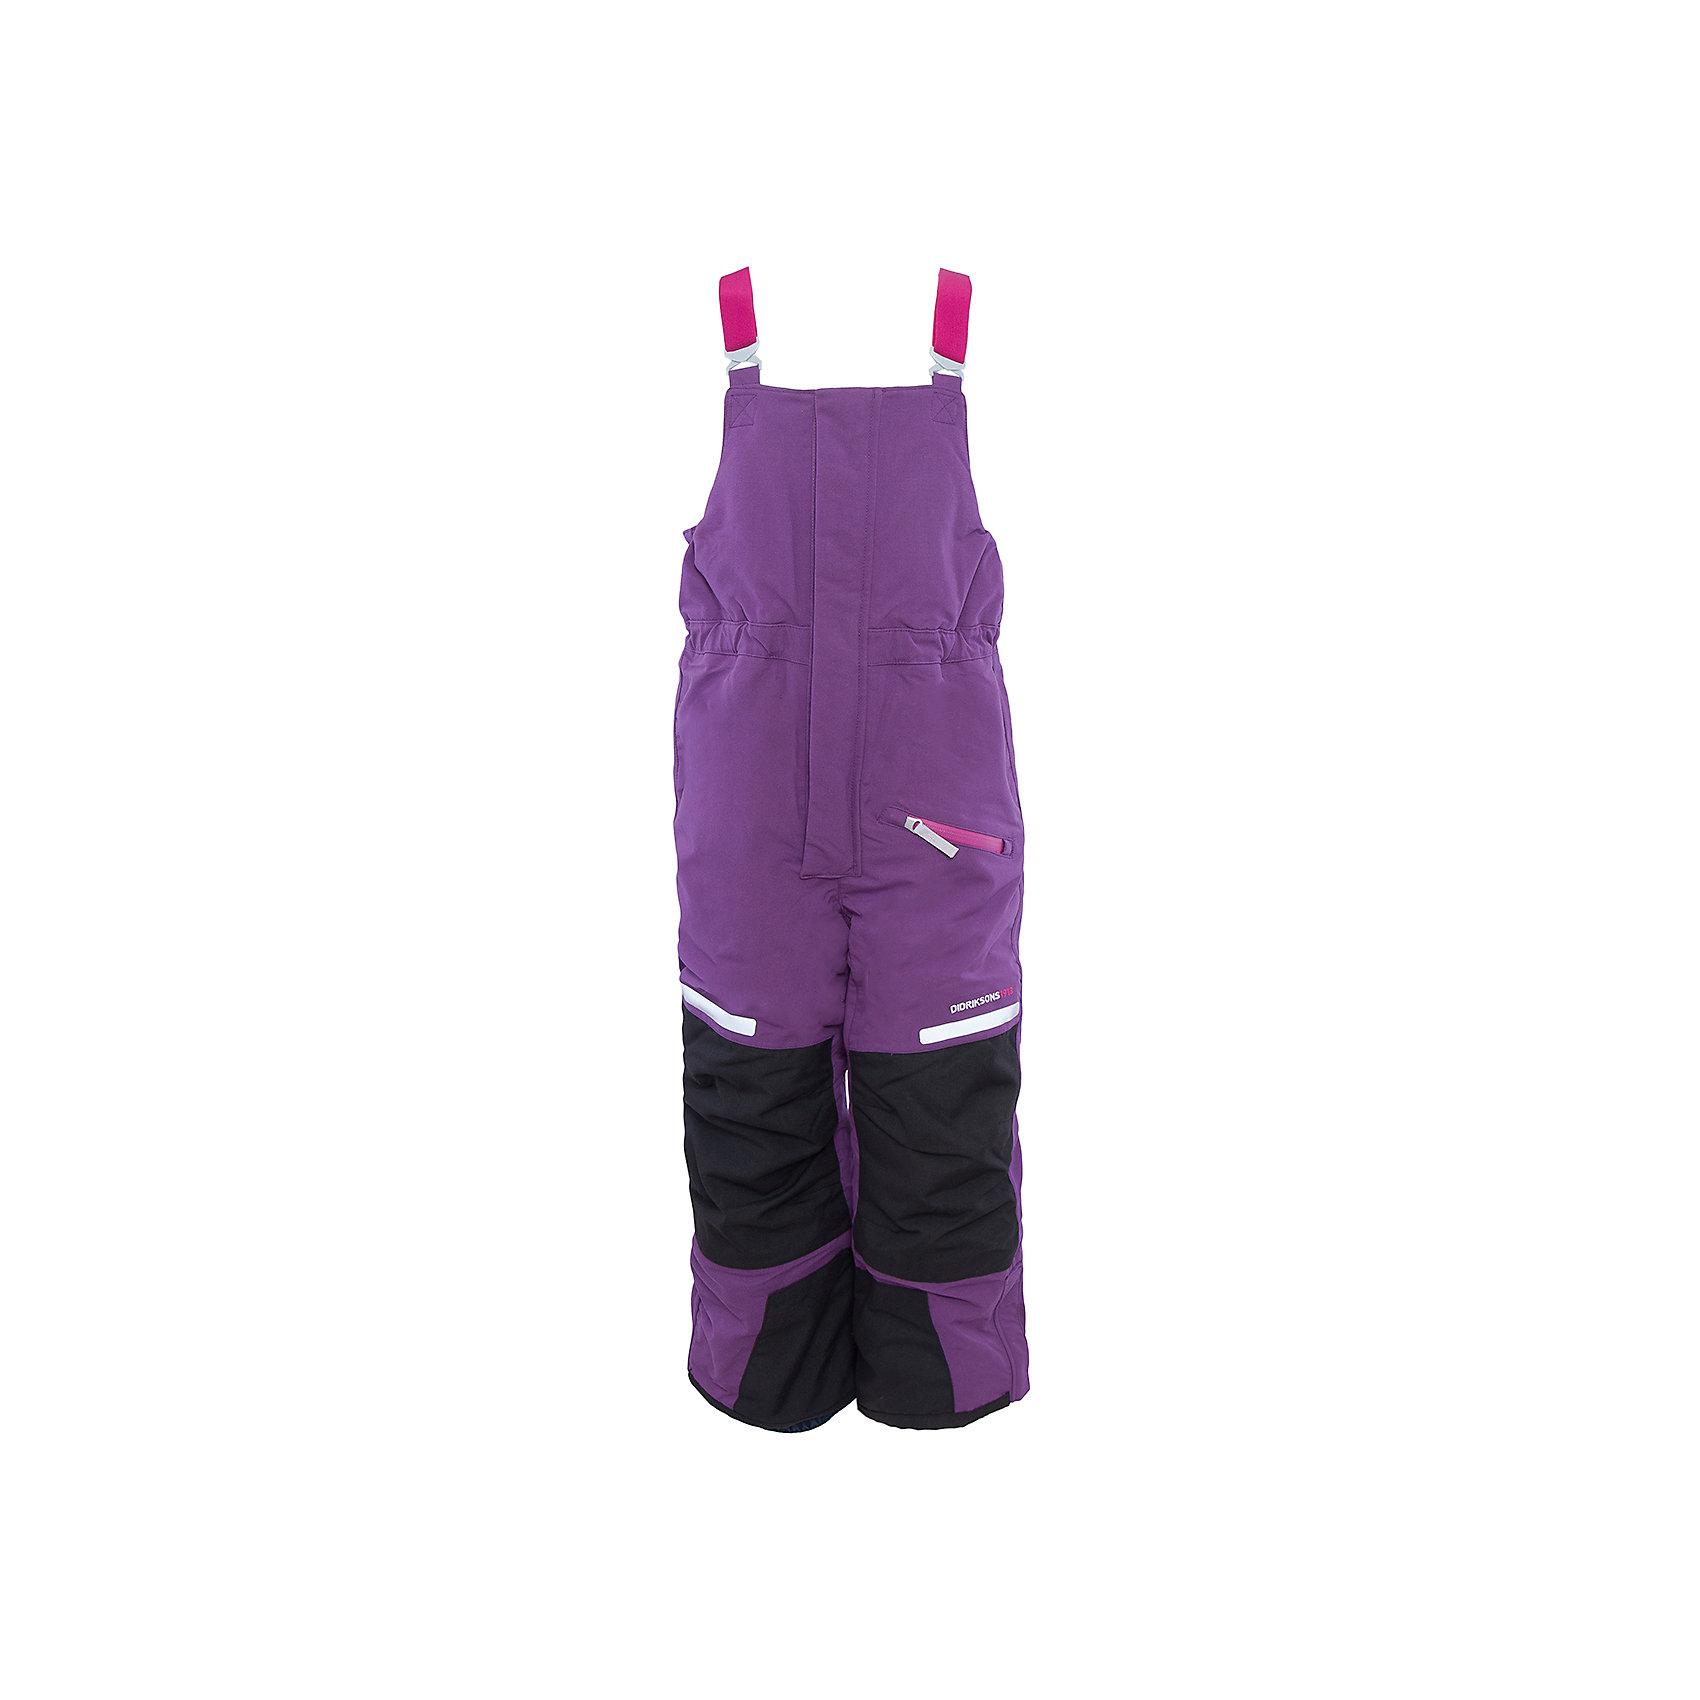 Брюки Sellat для девочки DIDRIKSONSВерхняя одежда<br>Характеристики товара:<br><br>• цвет: розовый<br>• материал: 100% полиамид, подкладка 100% полиэстер<br>• утеплитель: 120 г/м<br>• сезон: зима<br>• температурный режим от +5 до -20С<br>• непромокаемая и непродуваемая мембранная ткань<br>• резинки для ботинок<br>• дополнительная пропитка верха<br>• прокленные швы<br>• талия и низ штанин регулируется<br>• внутренние гетры<br>• ширинка на молнии<br>• фиксированные лямки<br>• светоотражающие детали<br>• можно увеличить длину штанин на один размер <br>• страна бренда: Швеция<br>• страна производства: Китай<br><br>Такие брюки незаменимы в холодную и сырую погоду! Это не только стильно, но еще и очень комфортно, а также тепло. Они обеспечат ребенку удобство при прогулках и активном отдыхе зимой. Брюки от шведского производителя легко трансформируются под рост ребенка и погодные условия.<br>Модель сшита из мембранной ткани, которая позволяет телу дышать, но при этом не промокает и не продувается. Очень стильная и удобная модель! Изделие качественно выполнено, сделано из безопасных для детей материалов. <br><br>Брюки для девочки от бренда DIDRIKSONS можно купить в нашем интернет-магазине.<br><br>Ширина мм: 215<br>Глубина мм: 88<br>Высота мм: 191<br>Вес г: 336<br>Цвет: розовый<br>Возраст от месяцев: 12<br>Возраст до месяцев: 15<br>Пол: Женский<br>Возраст: Детский<br>Размер: 80,120,90<br>SKU: 5043886